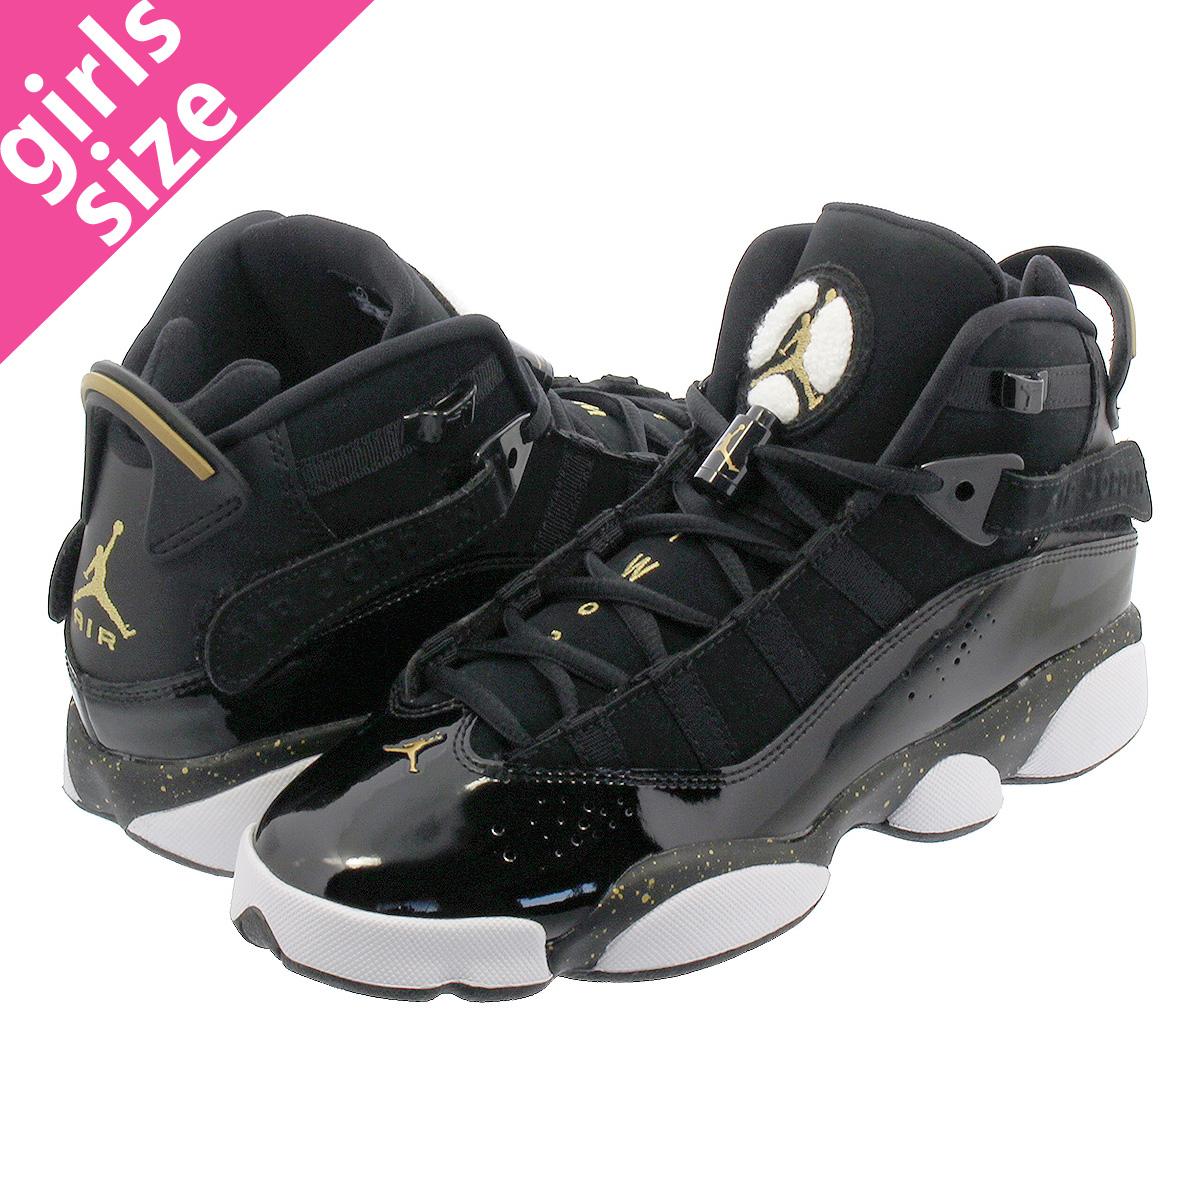 finest selection 3eee1 1b912 NIKE JORDAN 6 RINGS BG Nike Jordan 6 RINGS Co.,Ltd. BG BLACK/METALLIC  GOLD/WHITE 323,419-007